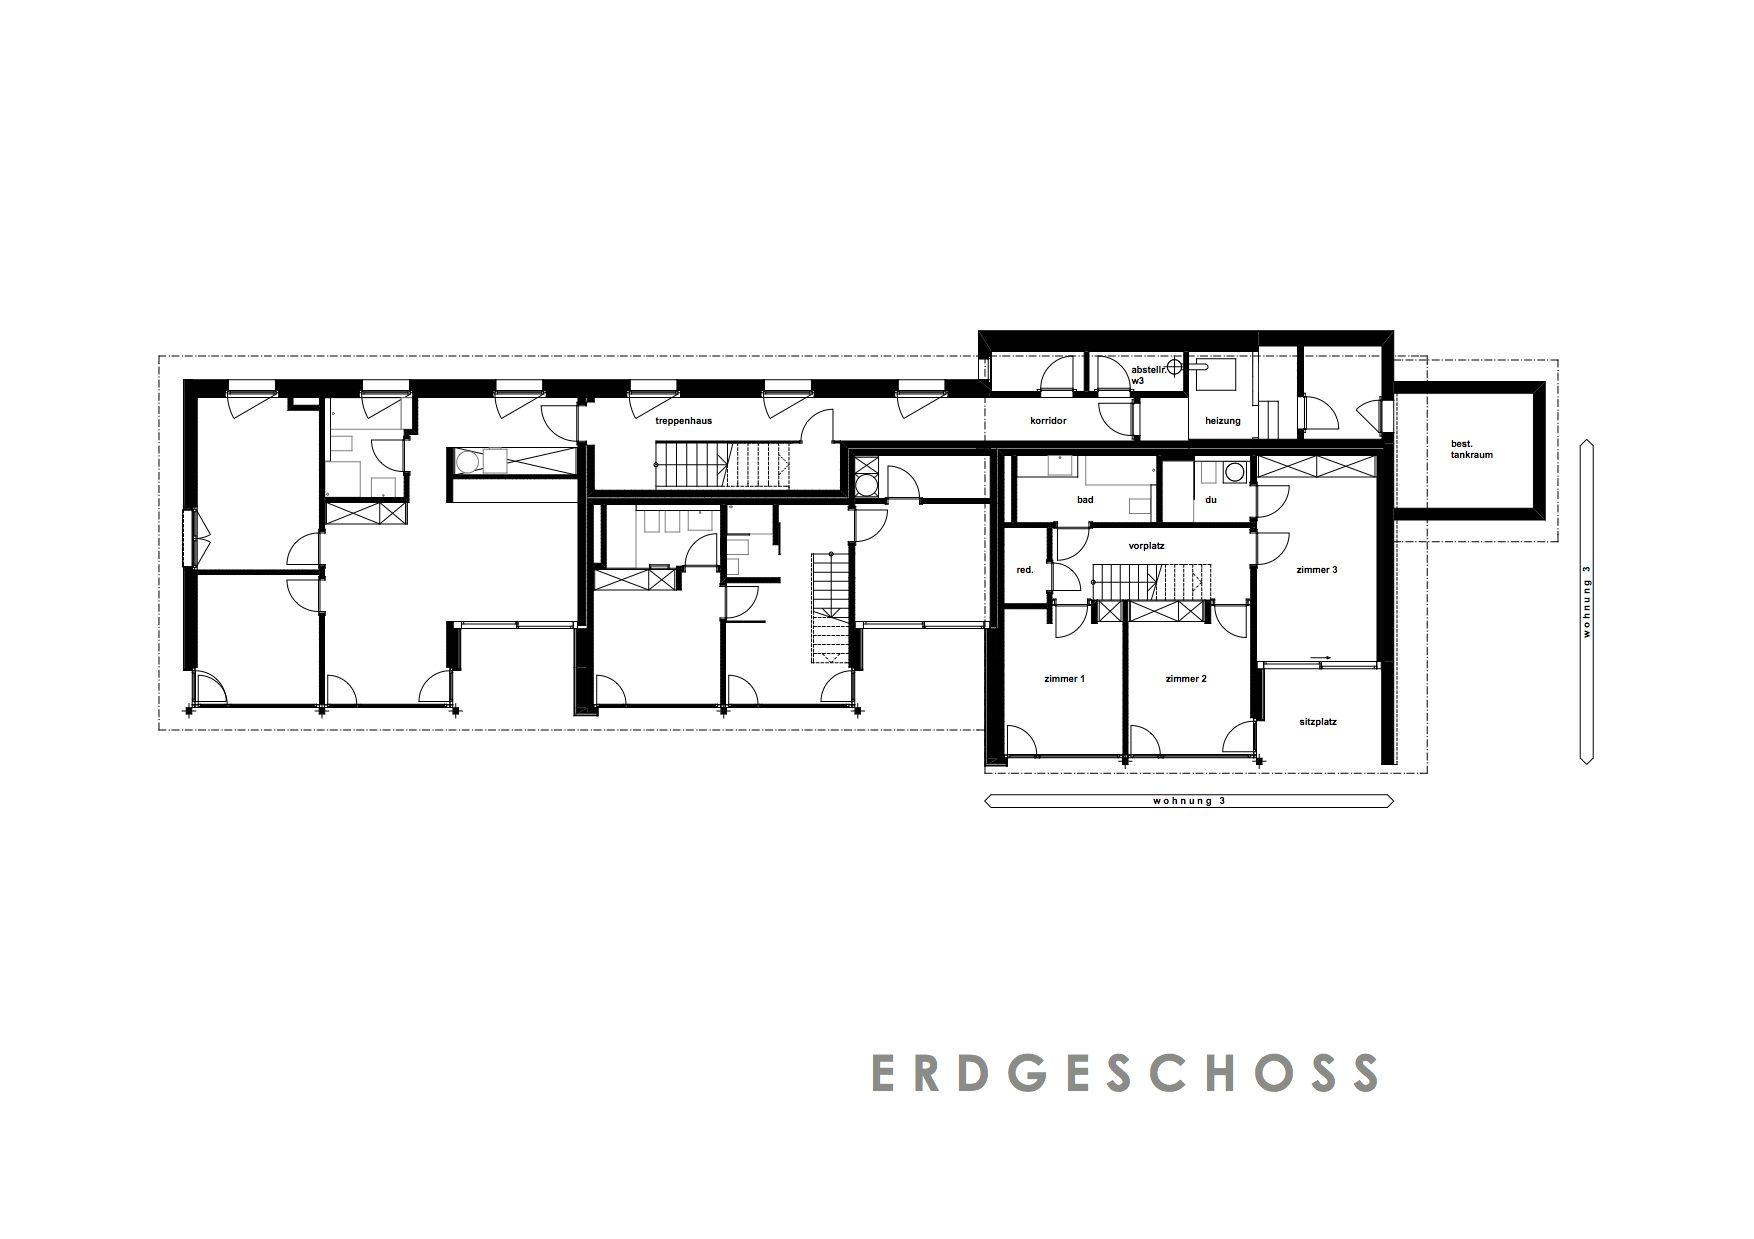 http://hoteljungfrau.ch/wp-content/uploads/2014/09/wohnungsplan-erdgeschoss.jpg